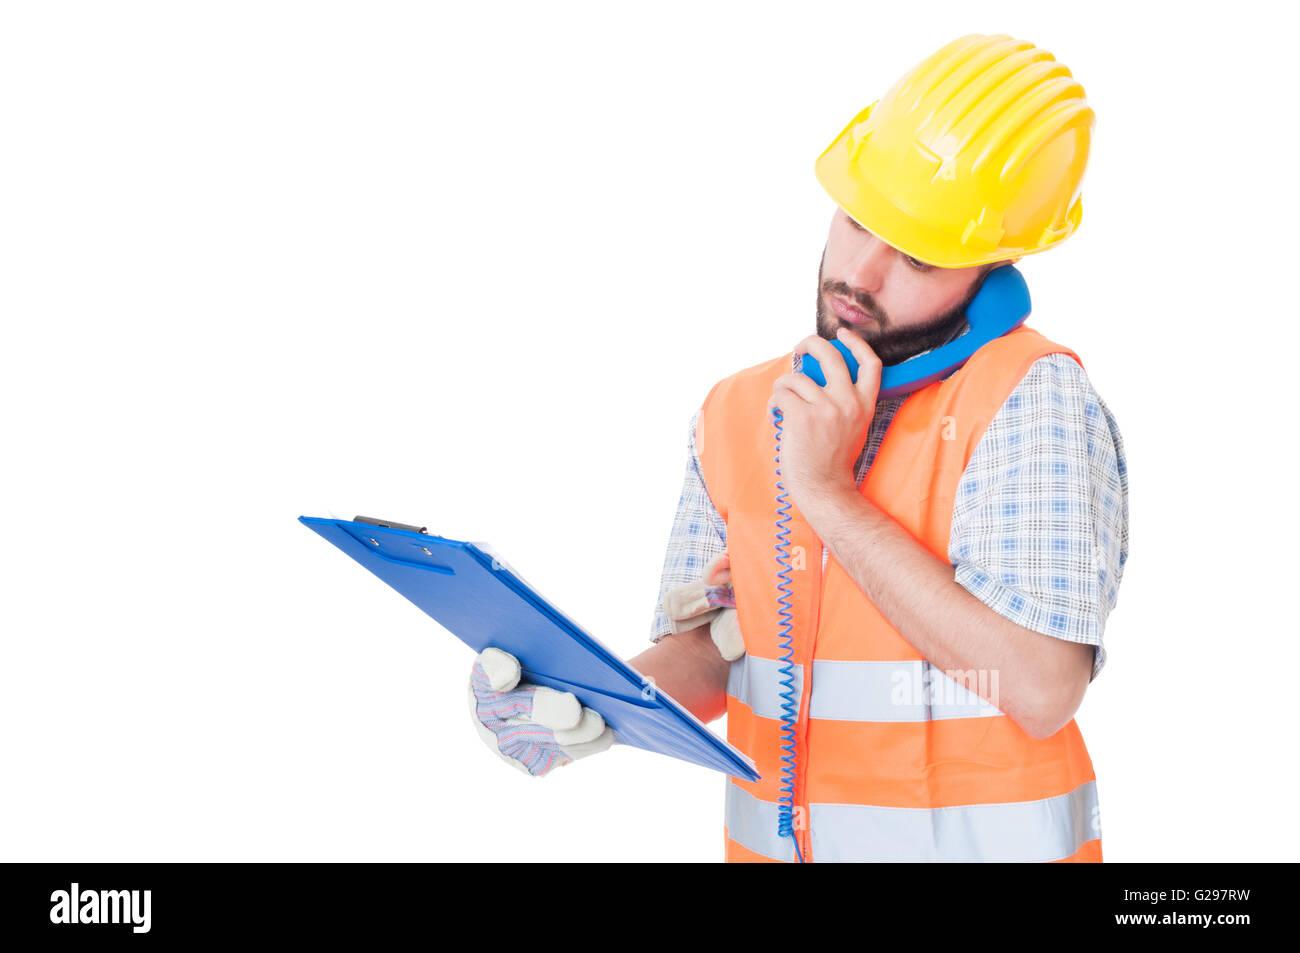 Beschäftigt Auftragnehmer über Telefon halten Sie Zwischenablage. Unterstützung oder Hilfe für Stockbild